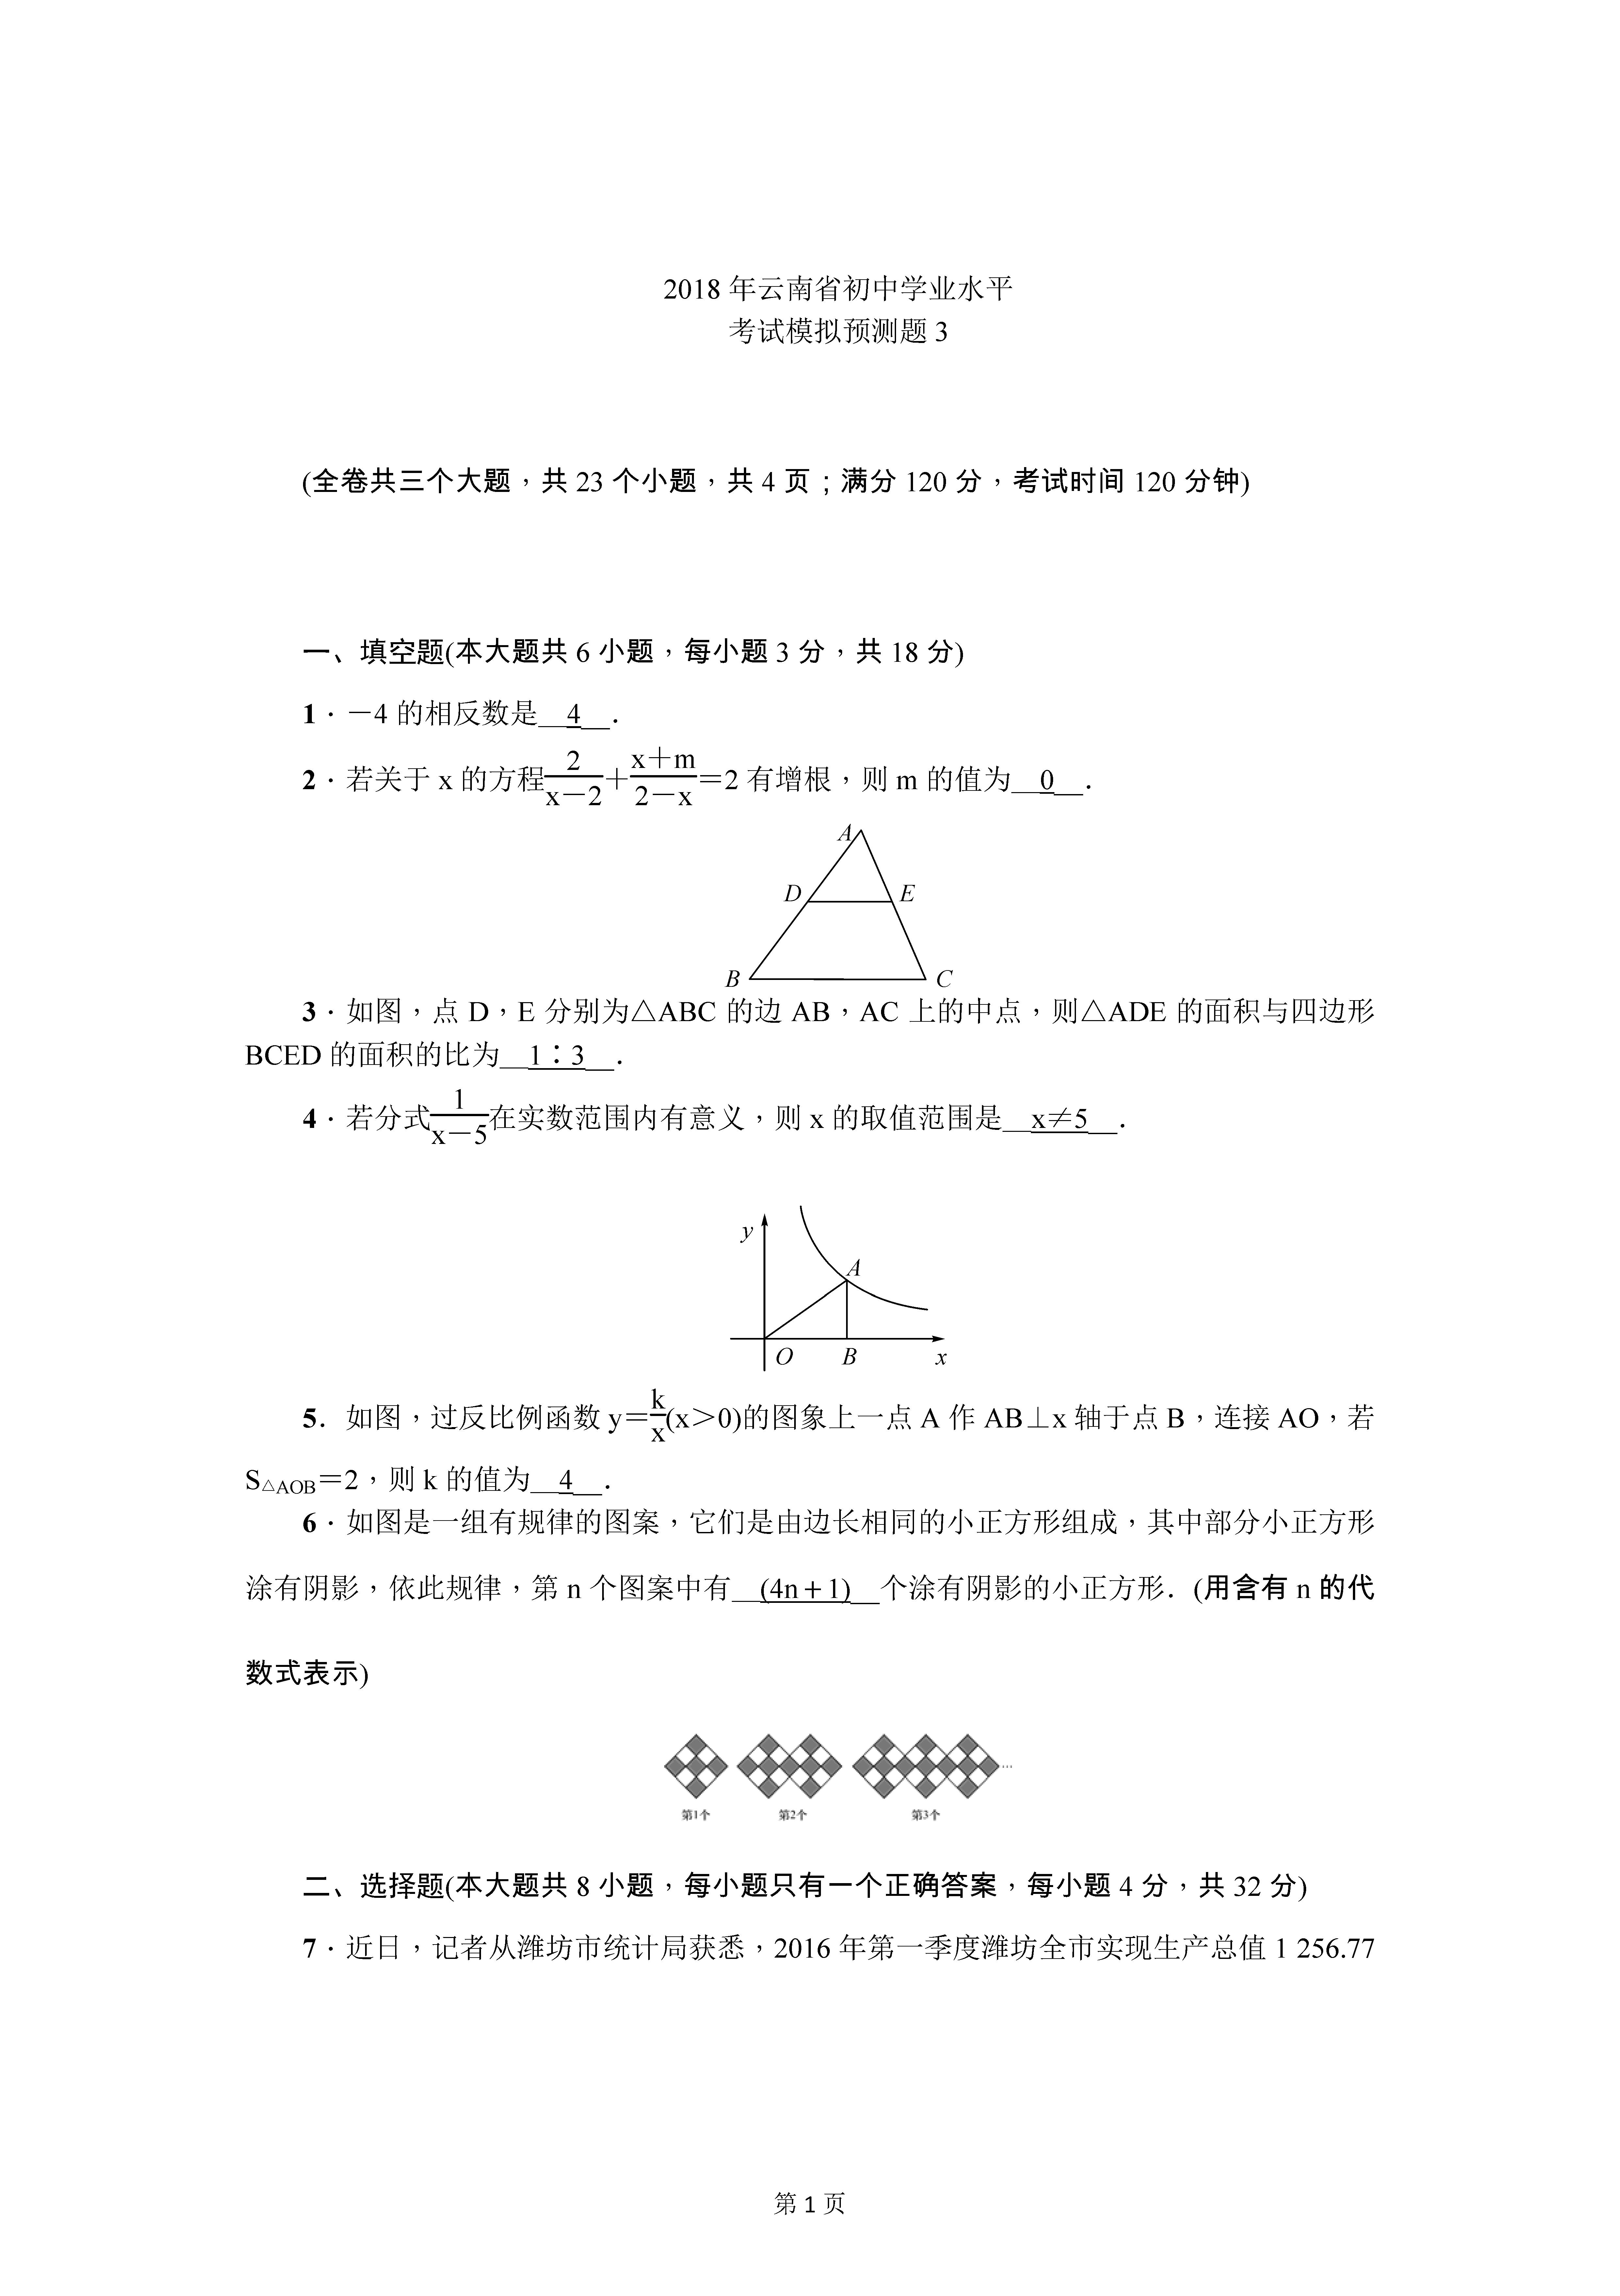 2017云南答案女生水平考试模拟预测题3及初中仰卧起坐走初中学业光图片